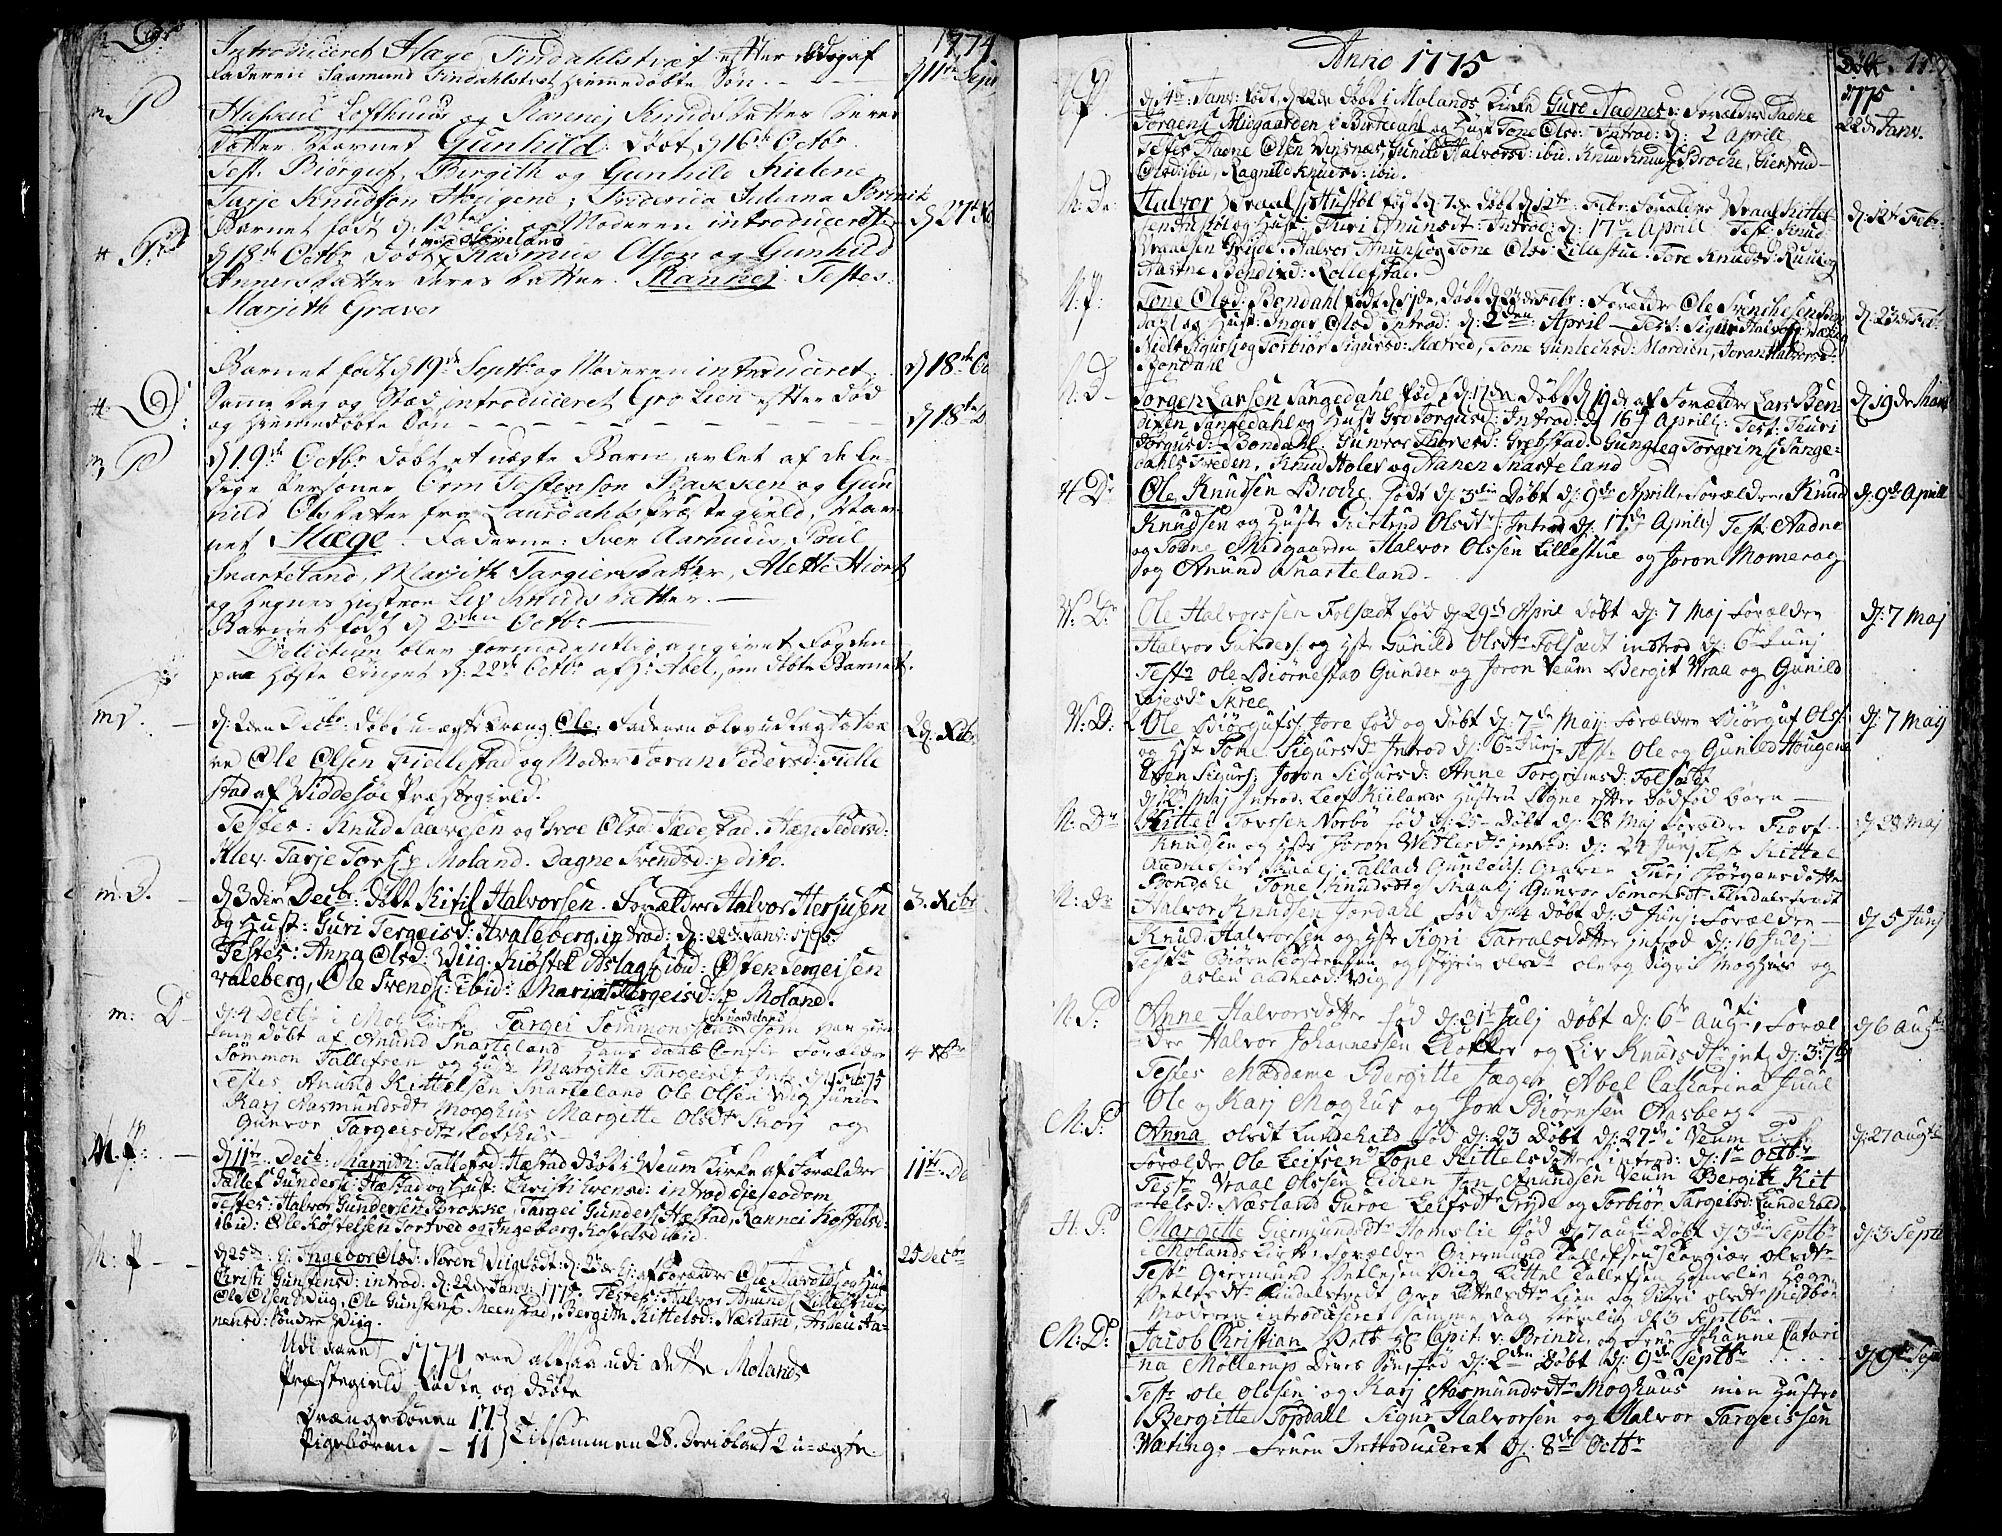 SAKO, Fyresdal kirkebøker, F/Fa/L0002: Ministerialbok nr. I 2, 1769-1814, s. 11